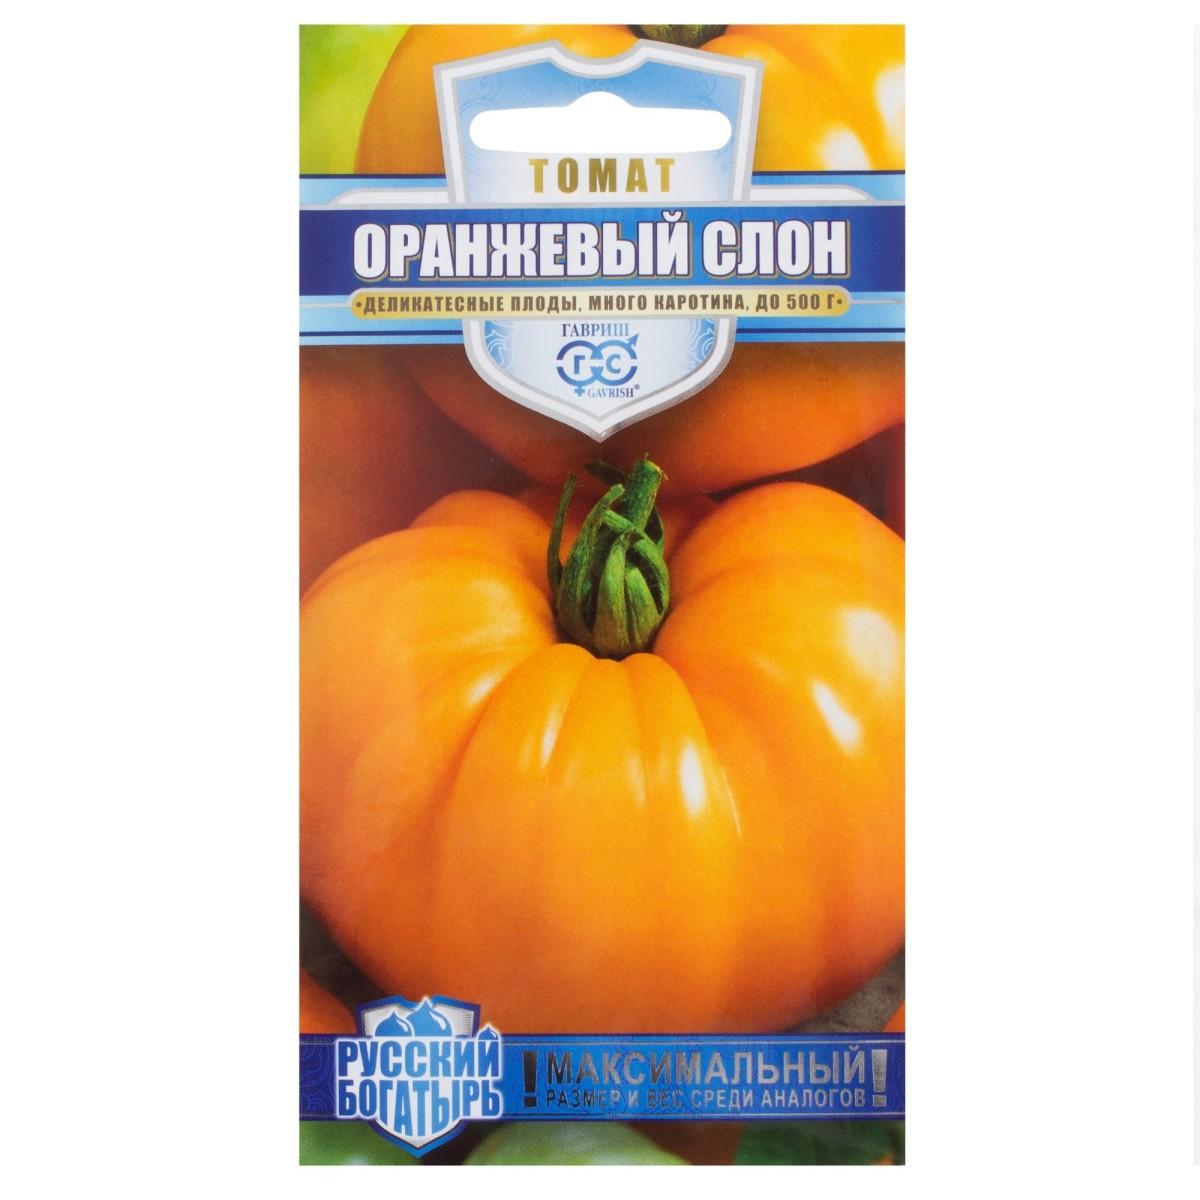 Семена Томат Оранжевый слон 1 г h13 Русский Богатырь